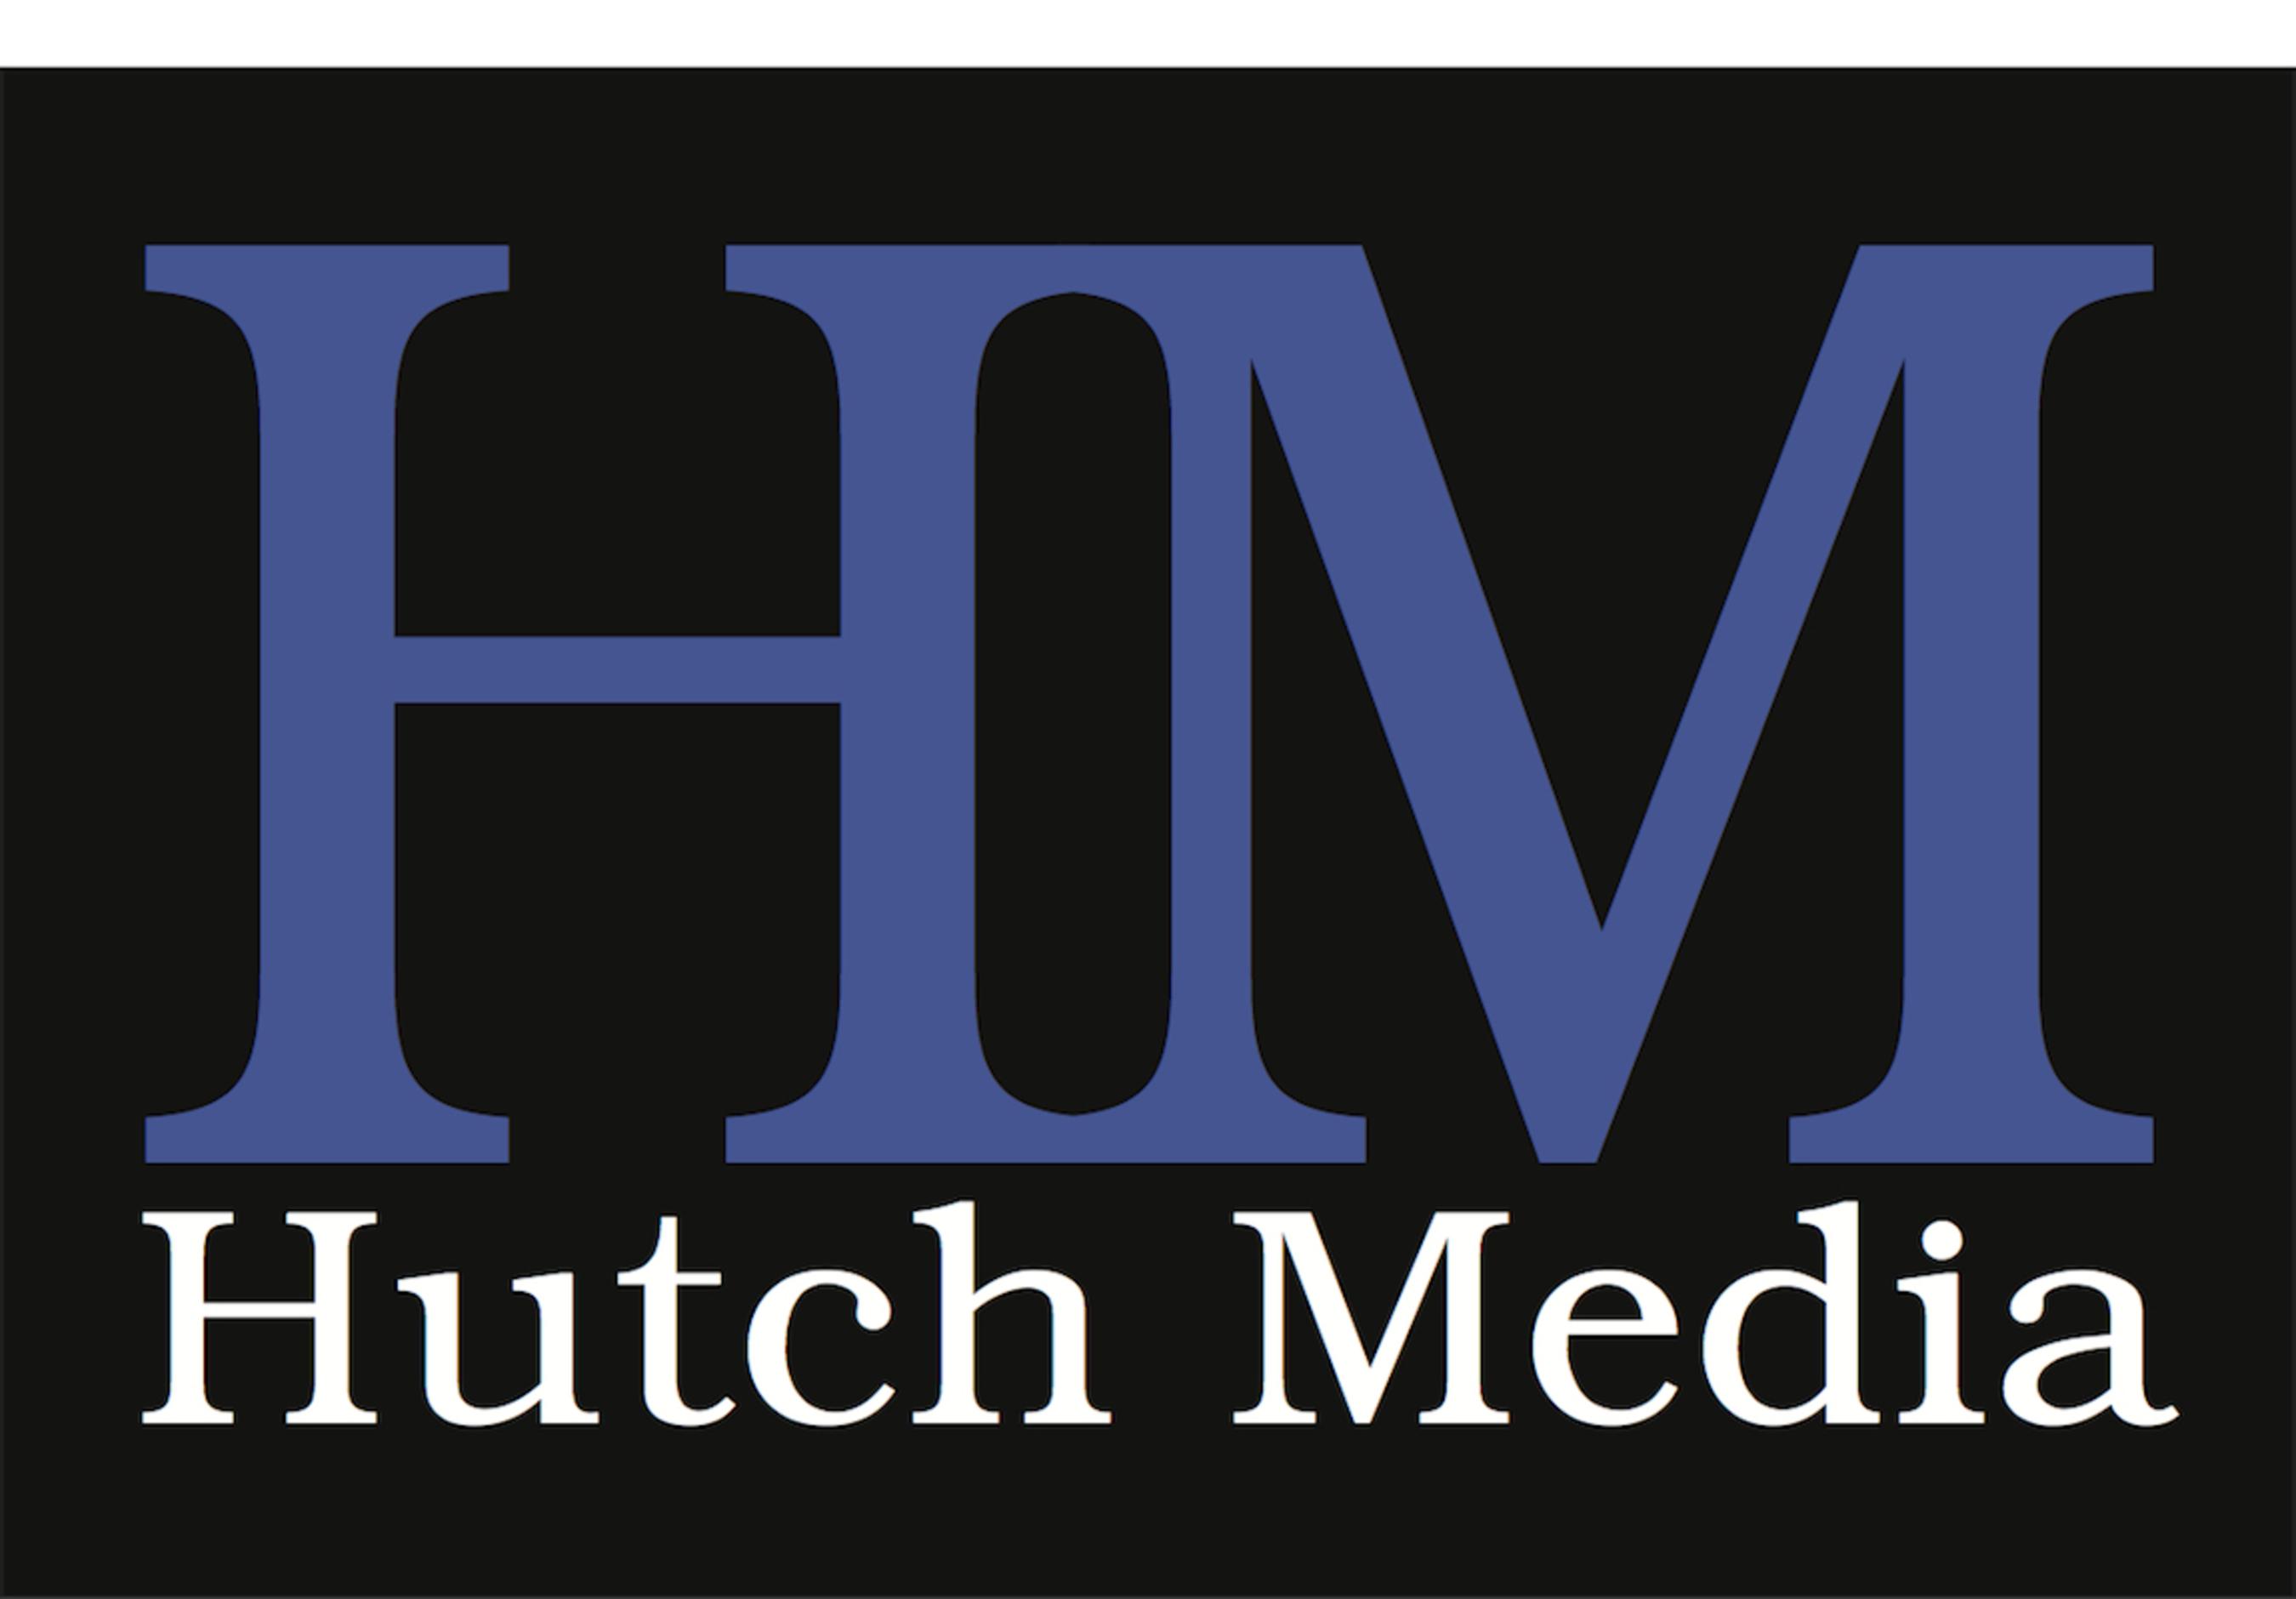 Hutch Media (PRNewsFoto/Hutch Media)